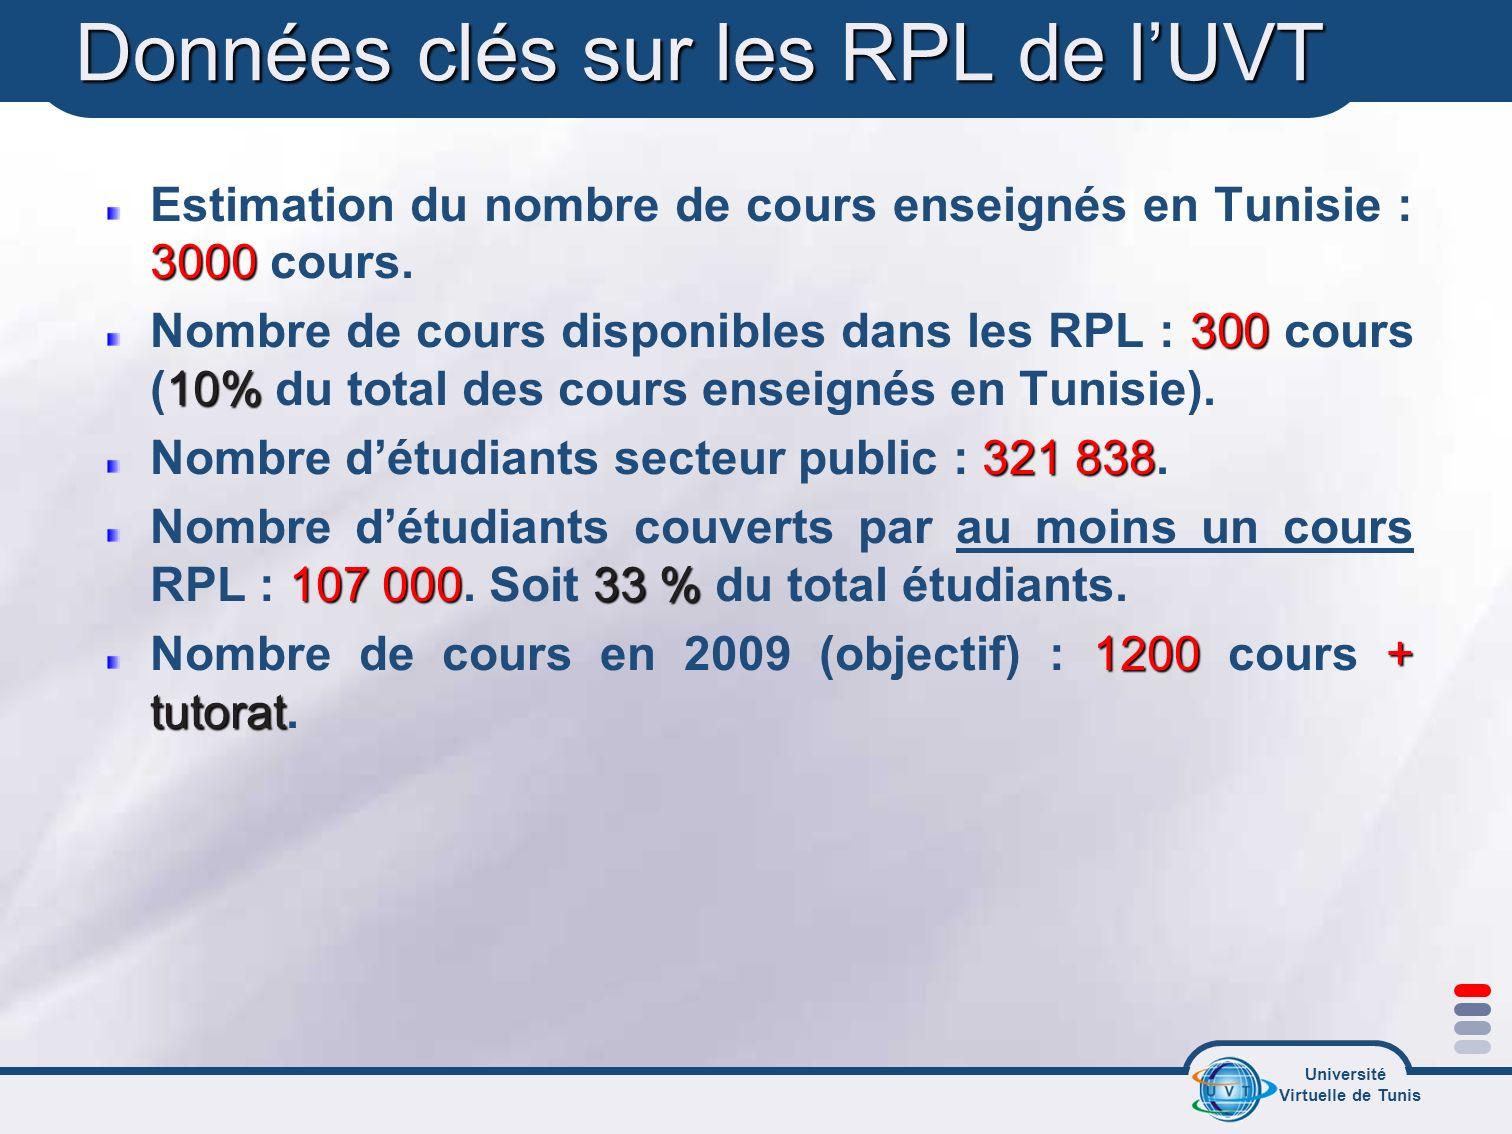 Données clés sur les RPL de l'UVT